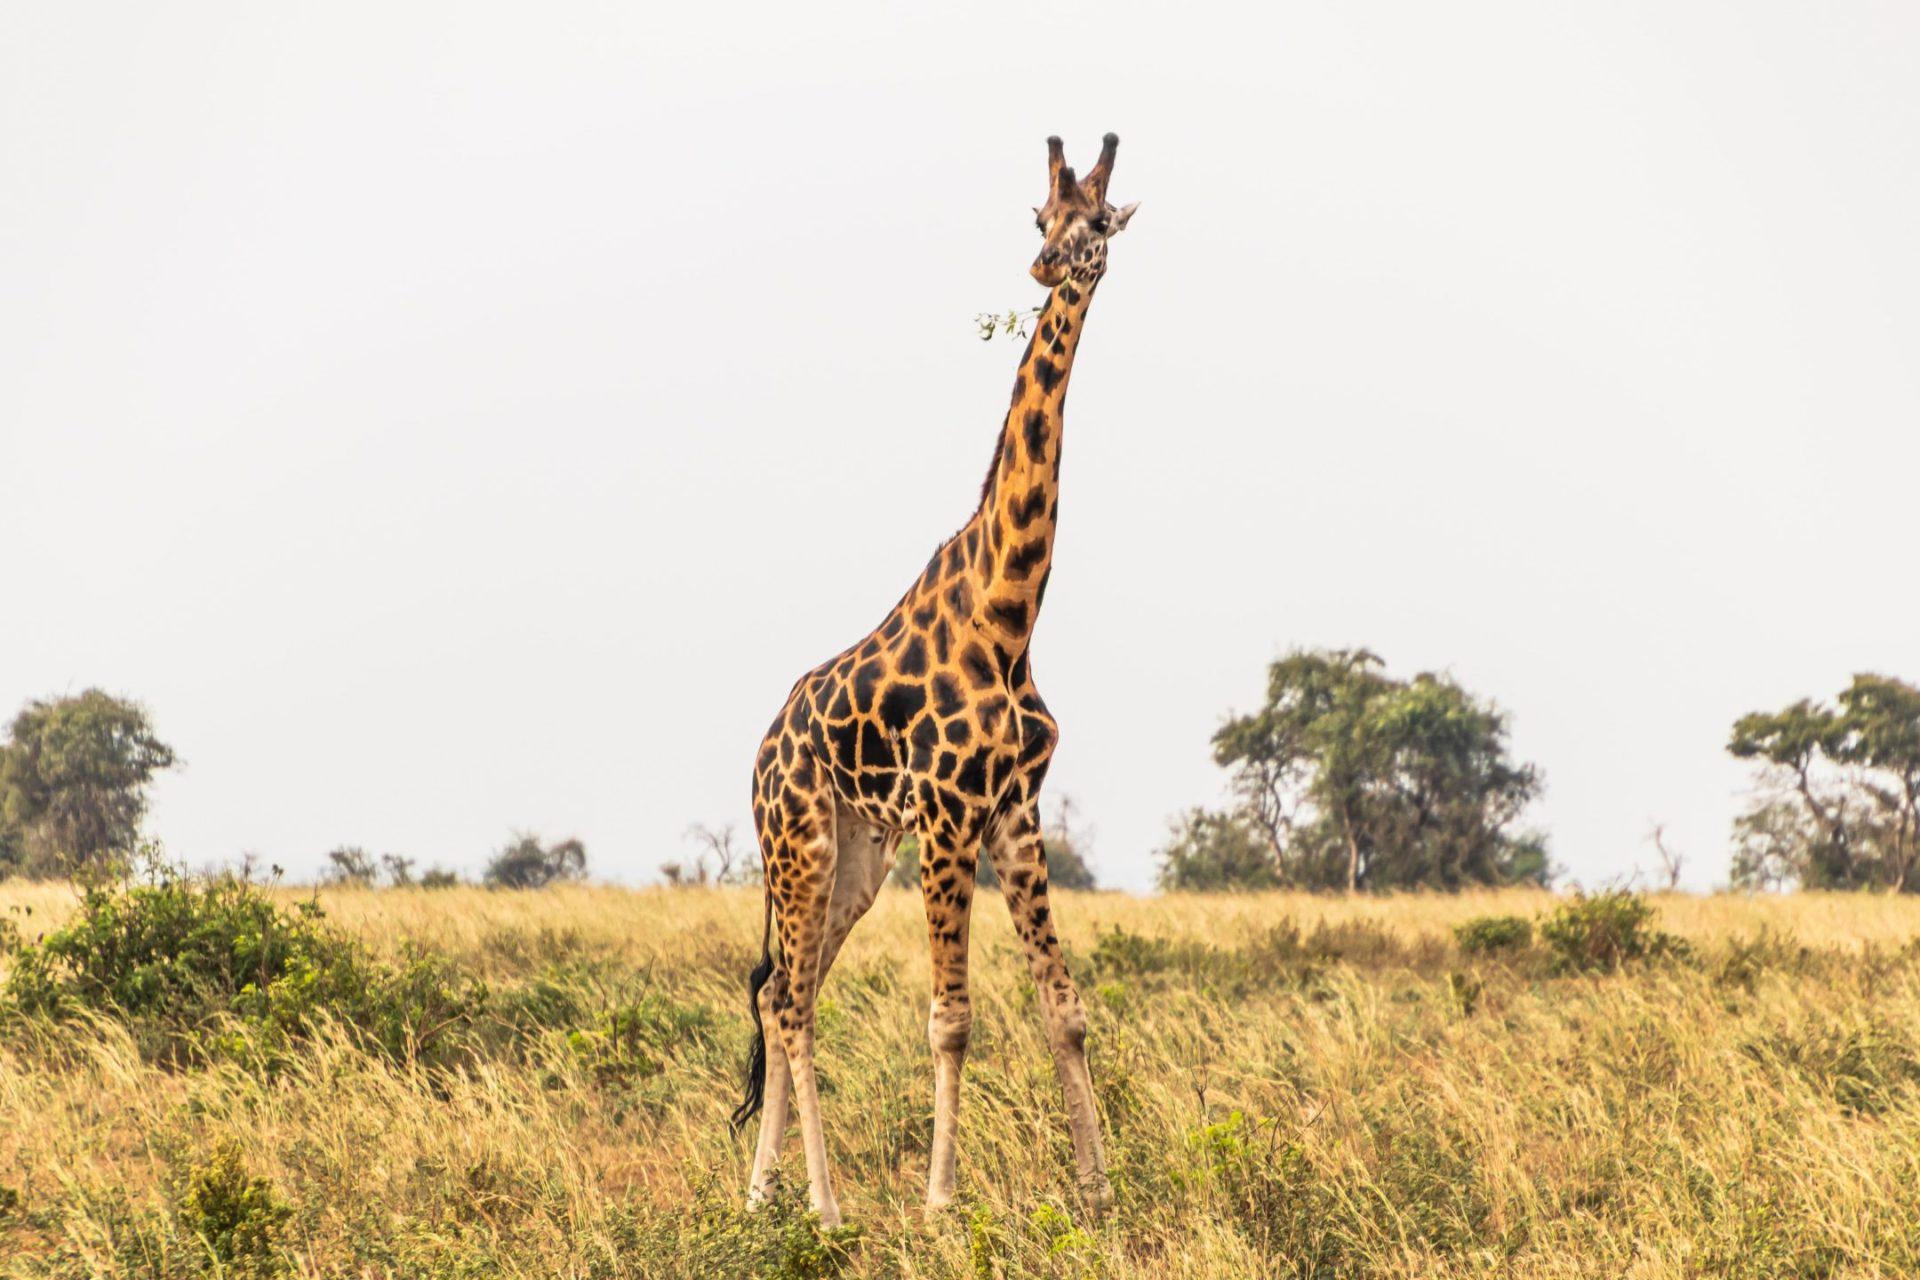 giraffe in a uganda savanna